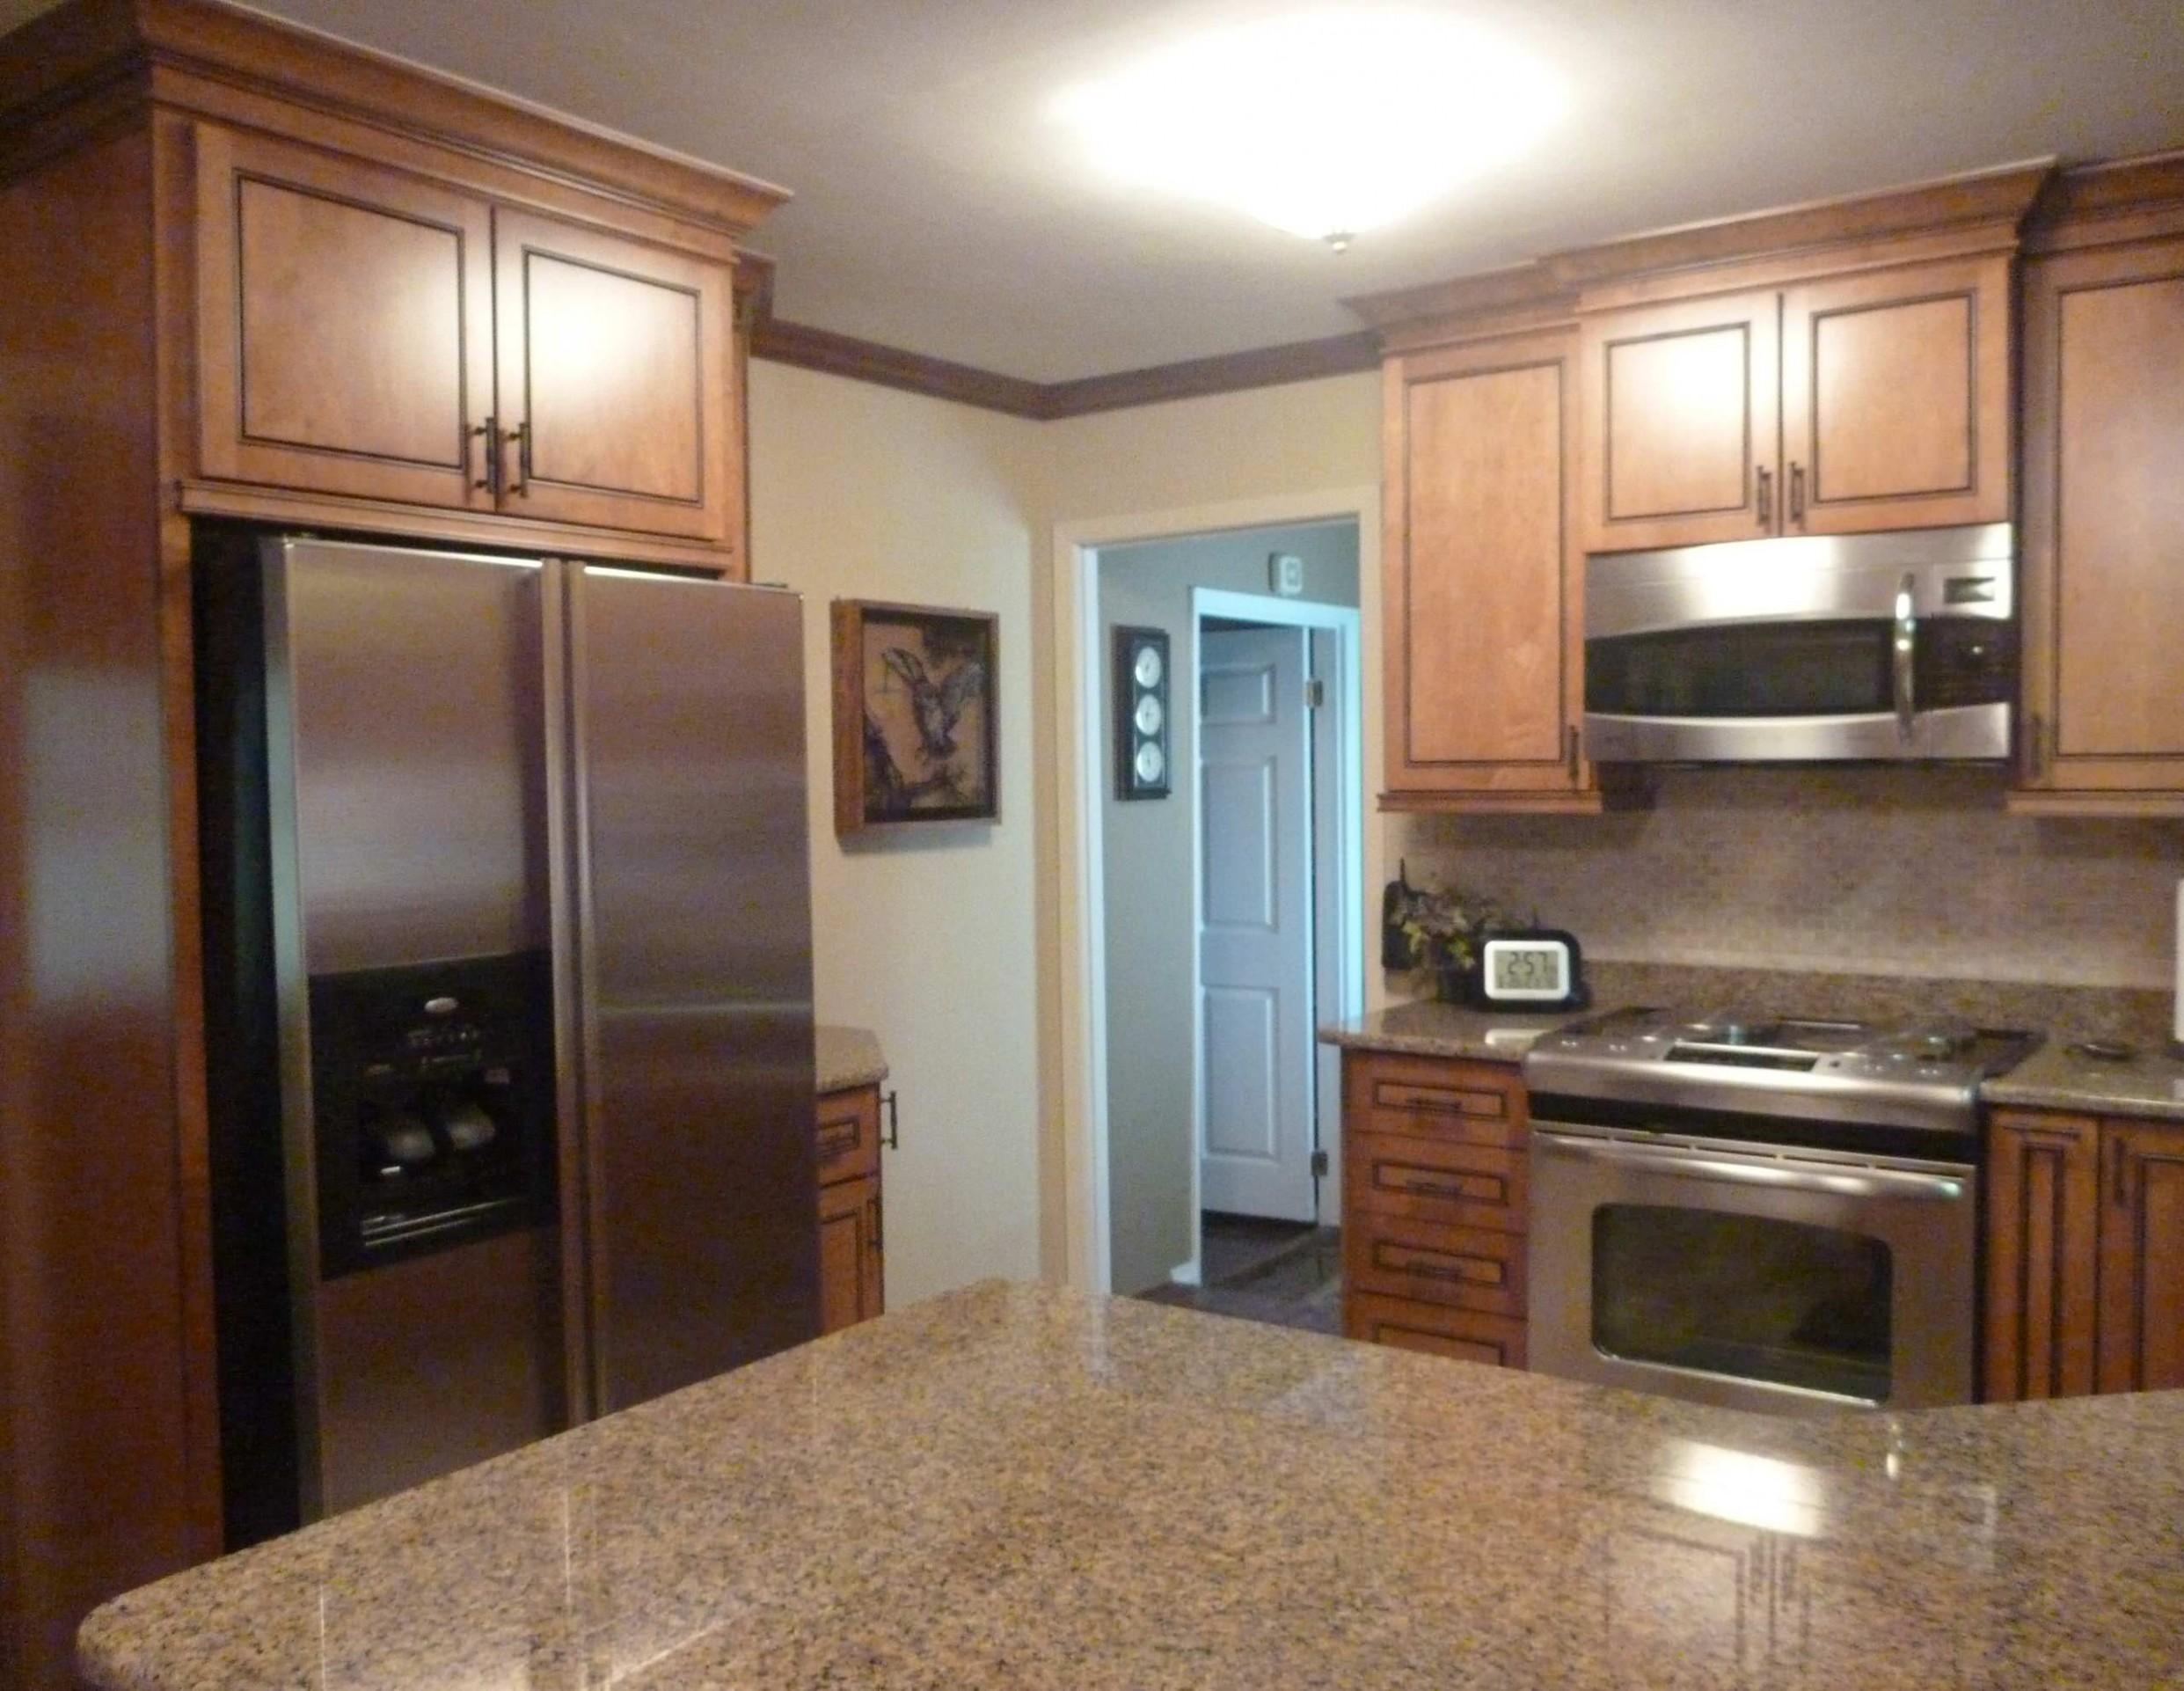 Kraftmaid Onyx Praline  Houzz - Kitchen Cabinets In Warner Robins Ga